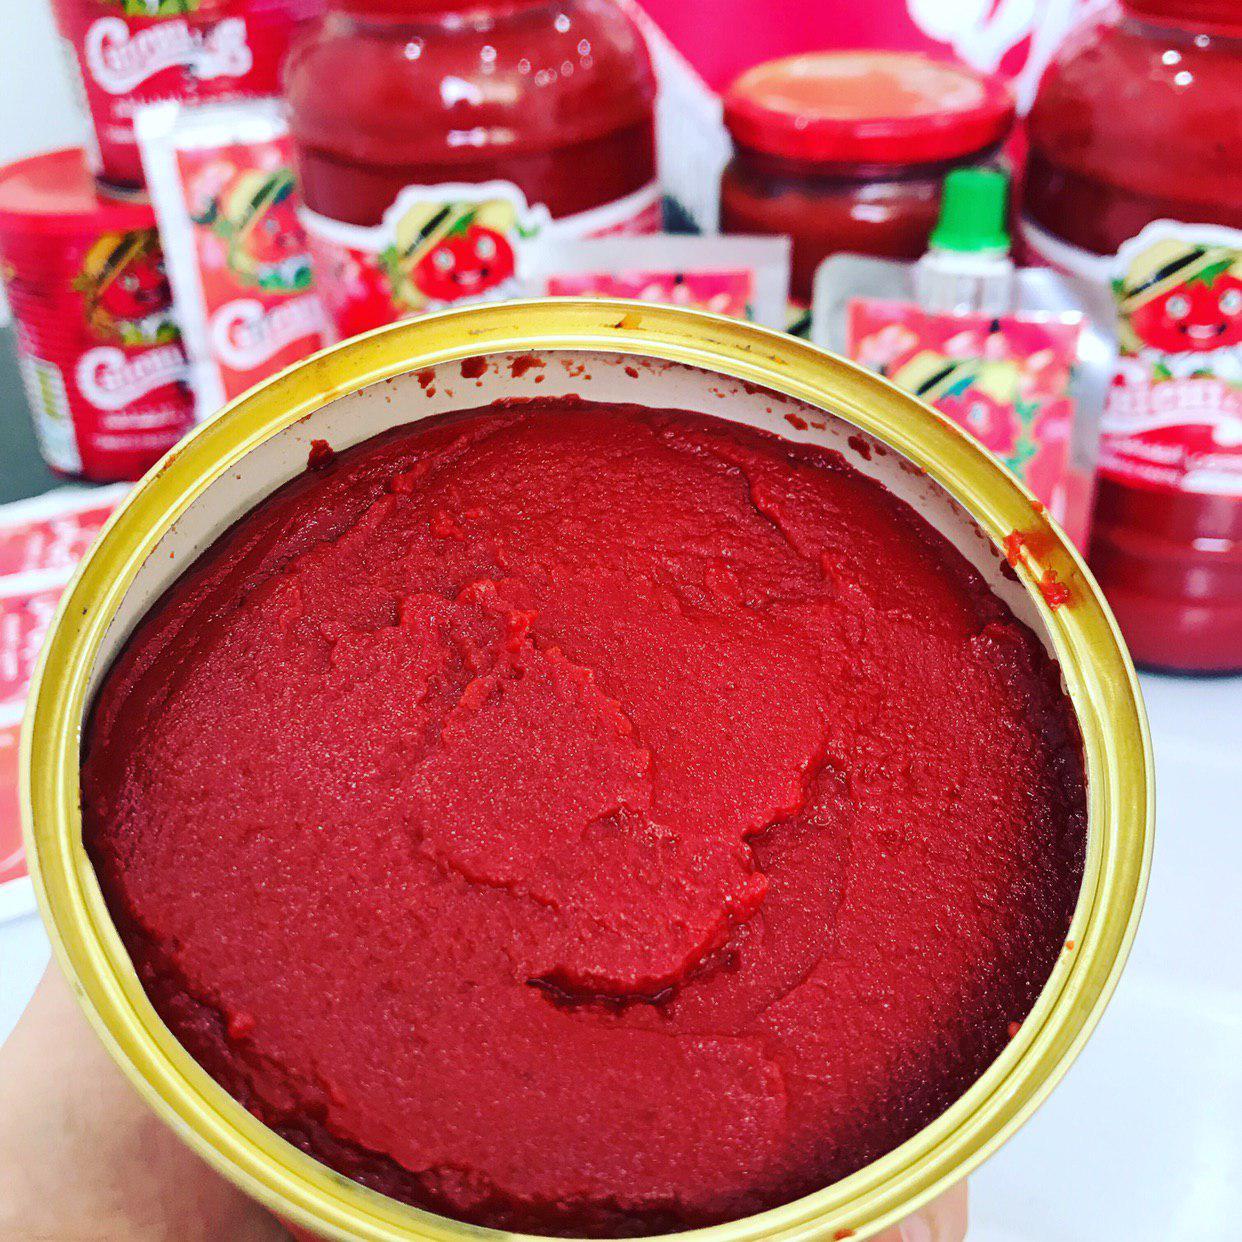 رب گوجه فرنگی ایزی اپن با درپوش پلاستیکی چی چی لاس